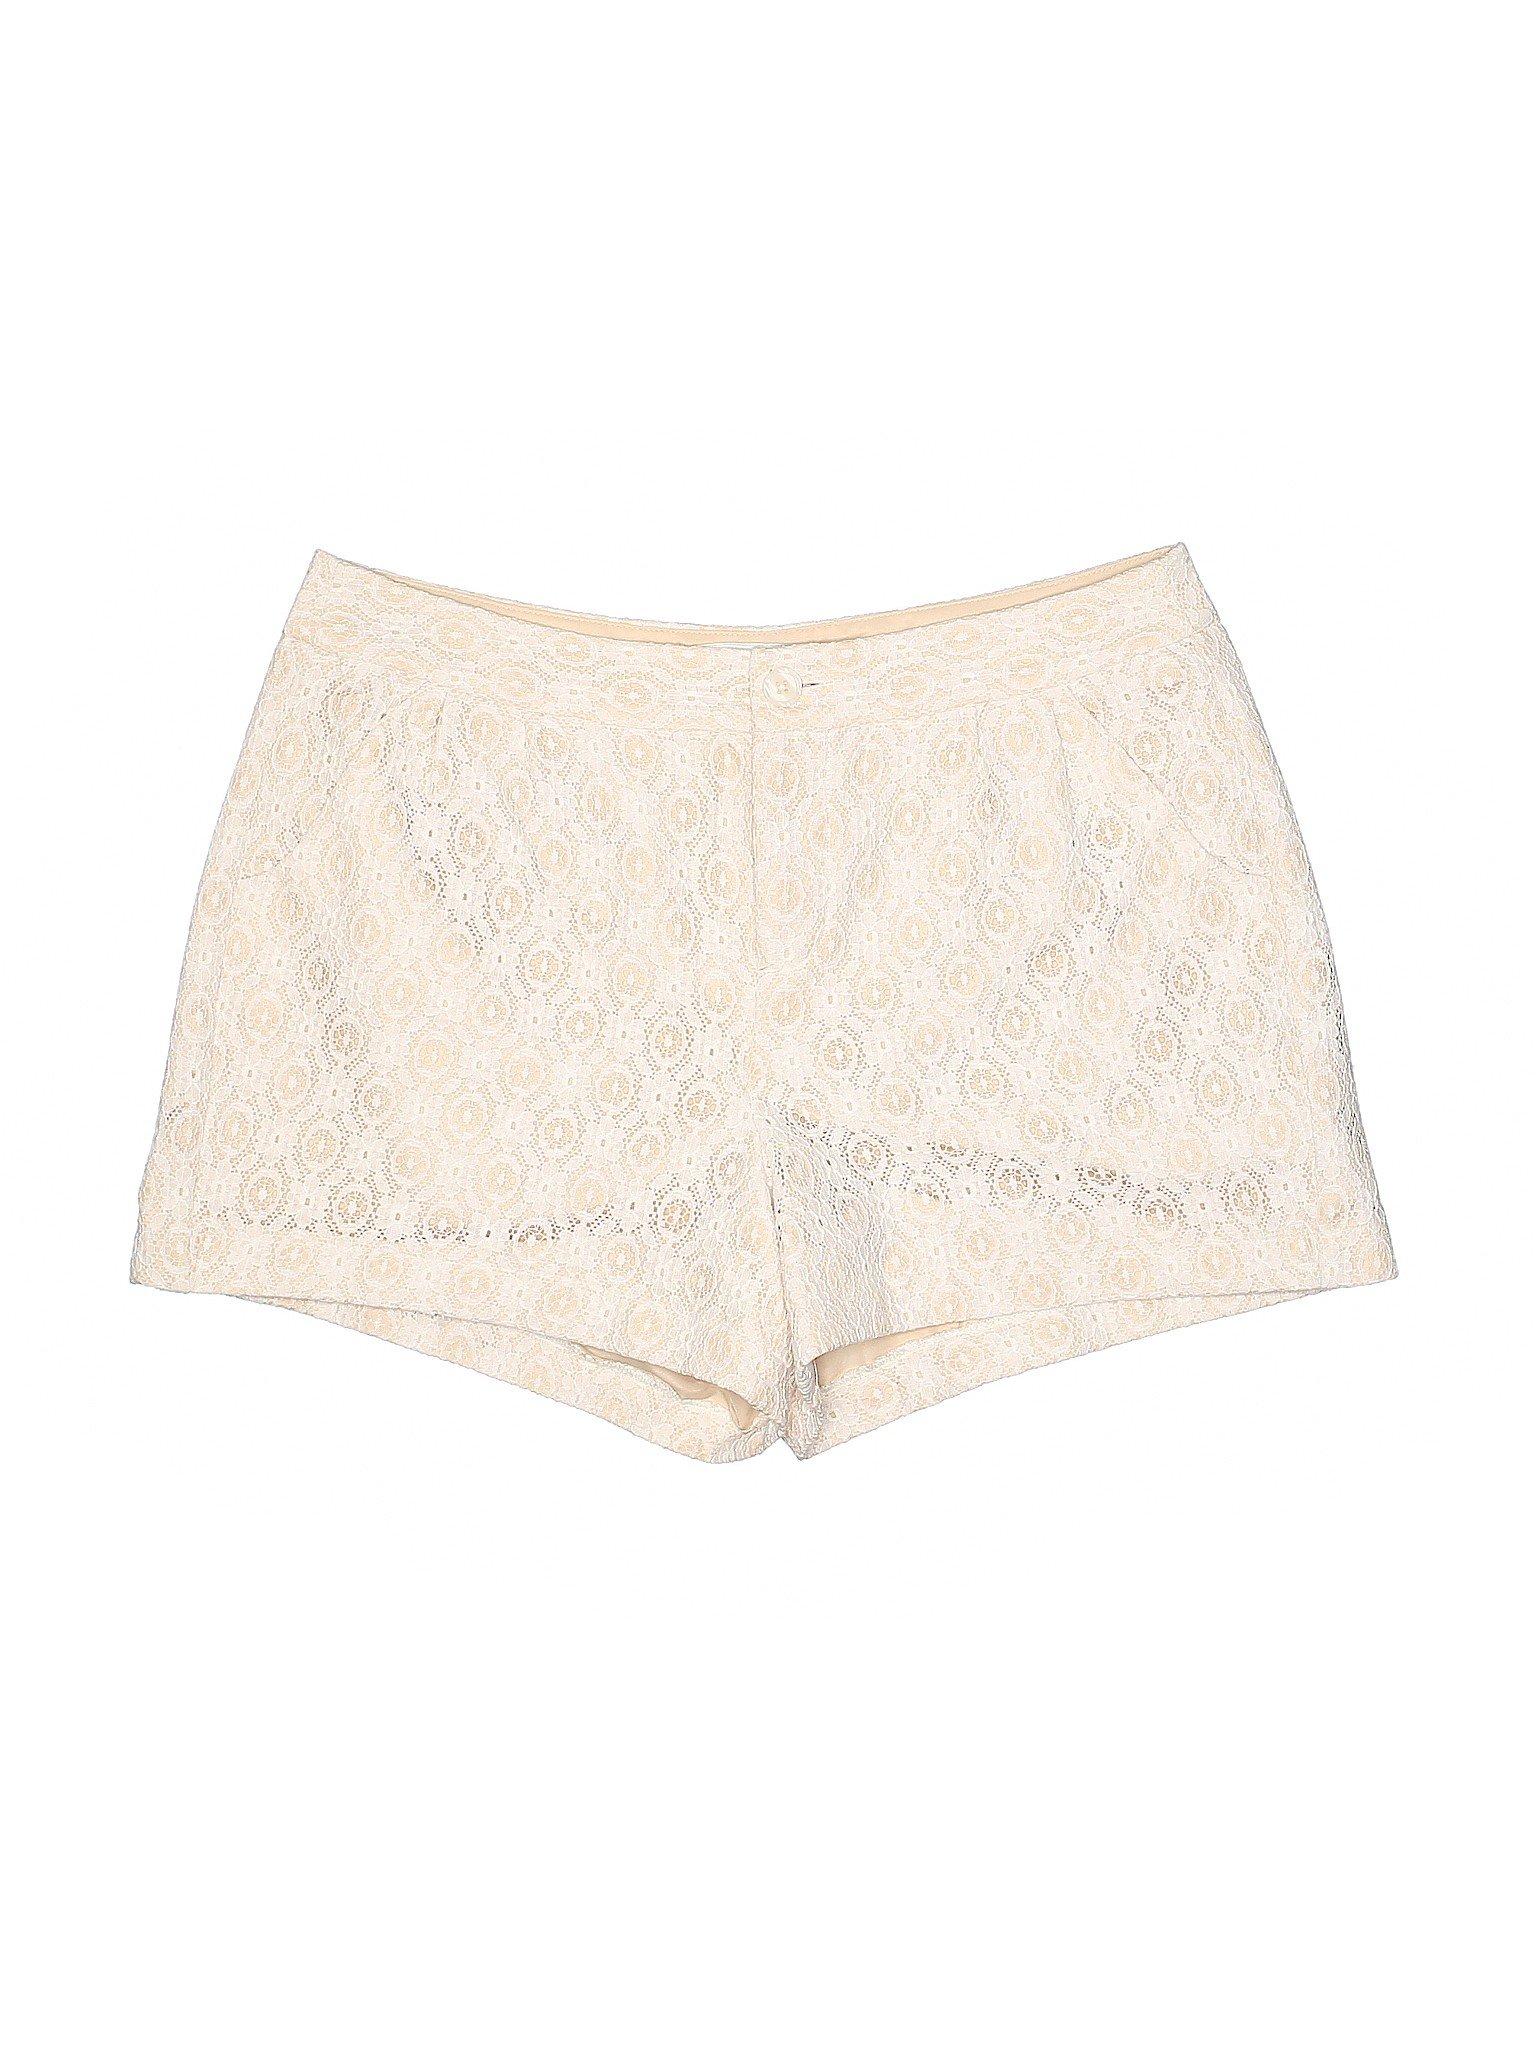 Dressy Lauren Conrad leisure LC Boutique Shorts 8qCT1Zw